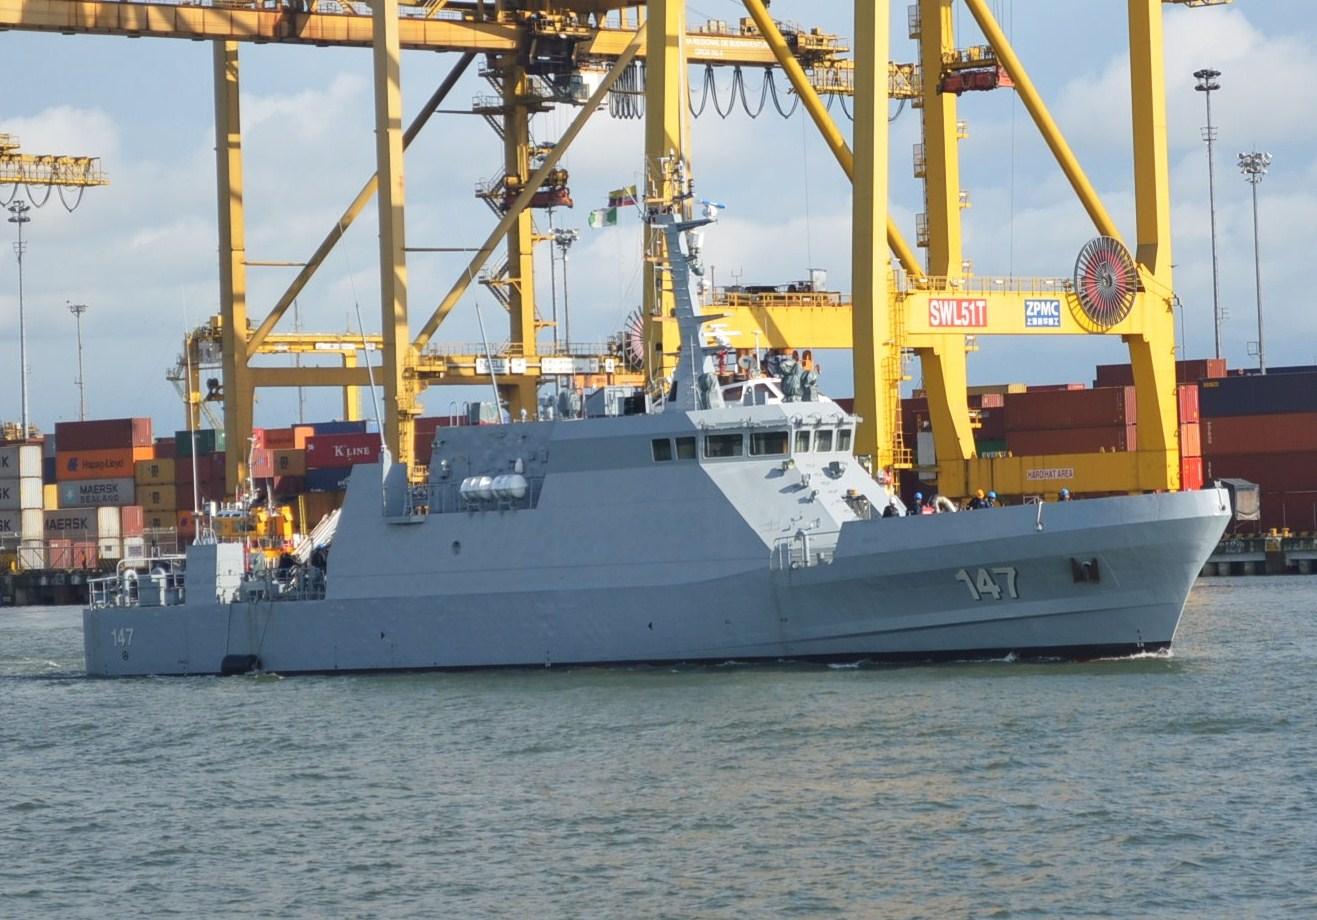 """Los buques ARC """"Punta Ardita"""" y ARC """"Punta Soldado"""" dos patrulleras de costa CPV-46 sueltan amarras para reforzar las operaciones navales marítimas de seguridad y soberanía del país."""